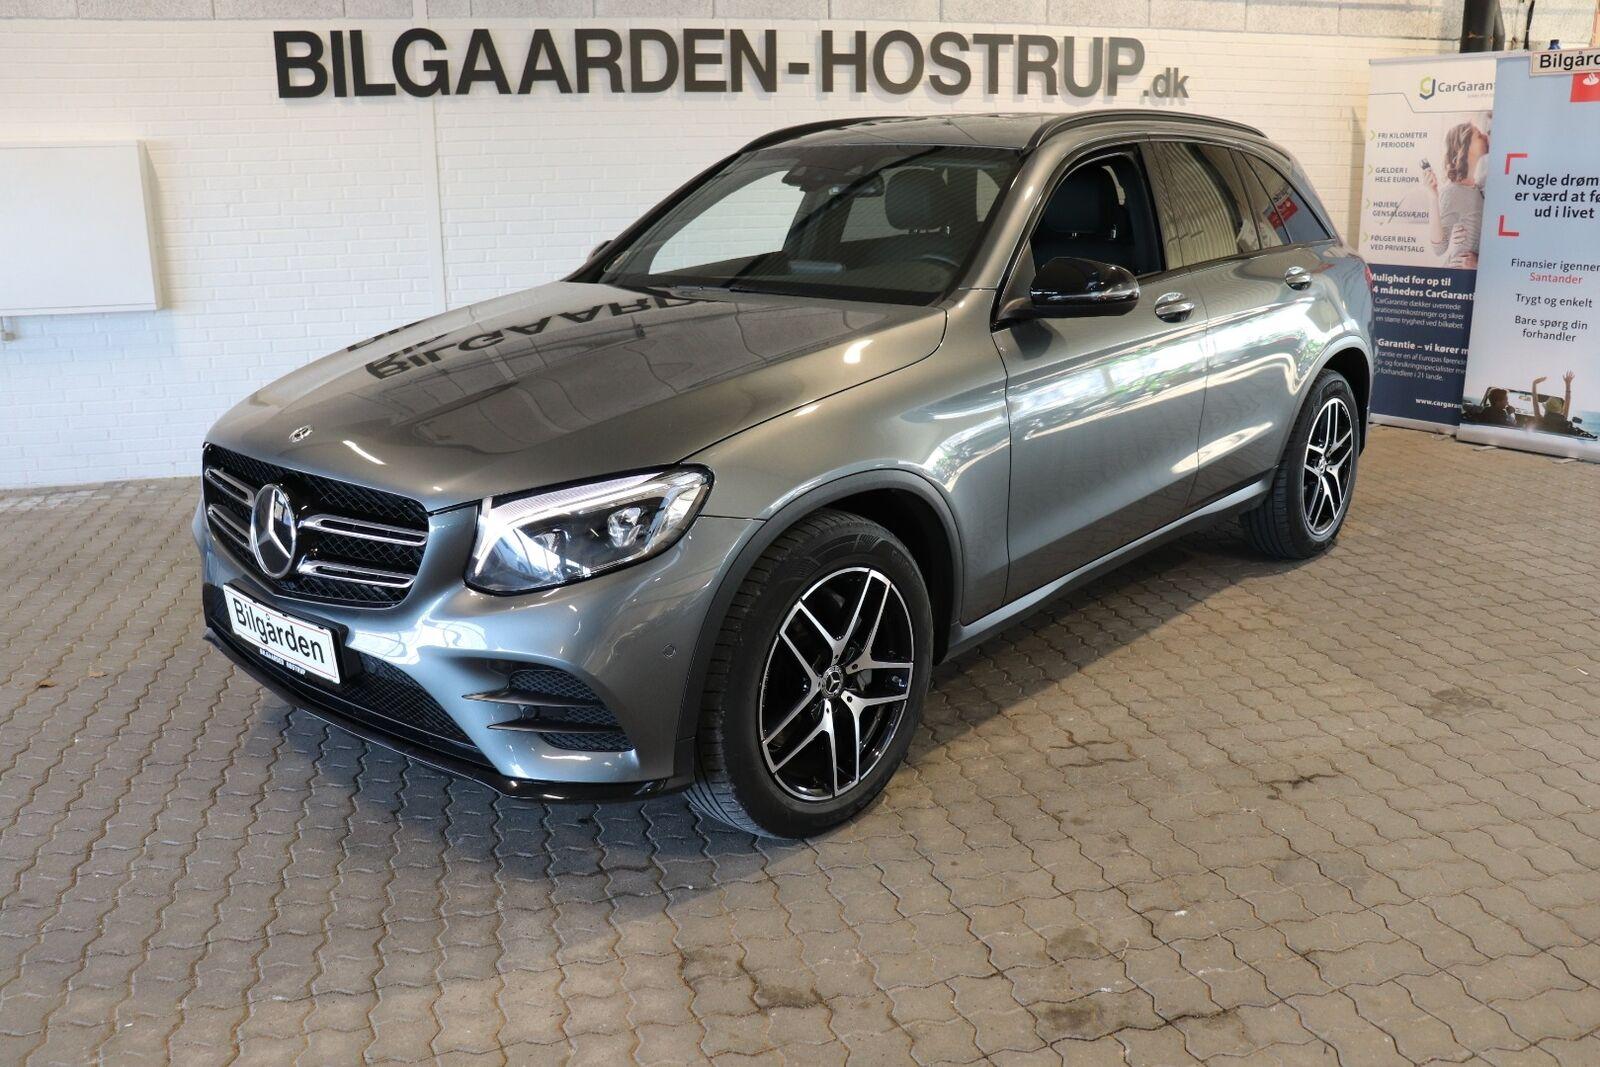 Mercedes GLC250 d 2,2 AMG Line aut. 4Matic 5d - 549.900 kr.